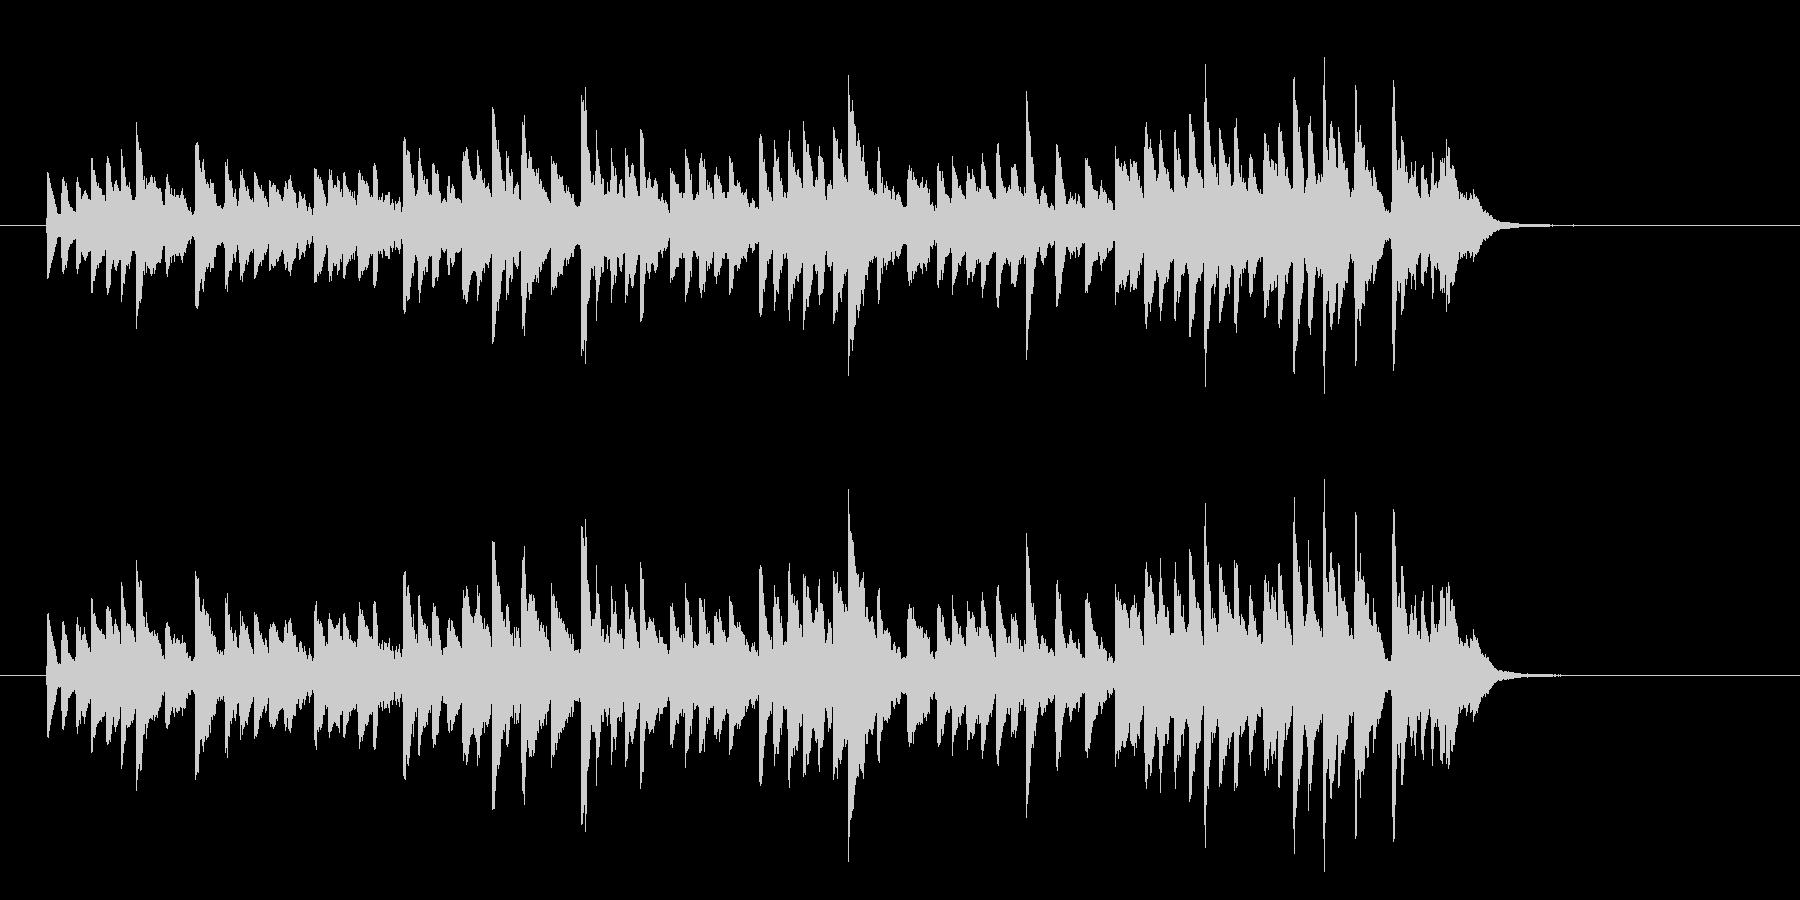 オープニングの幕開け用30秒のベルBGMの未再生の波形